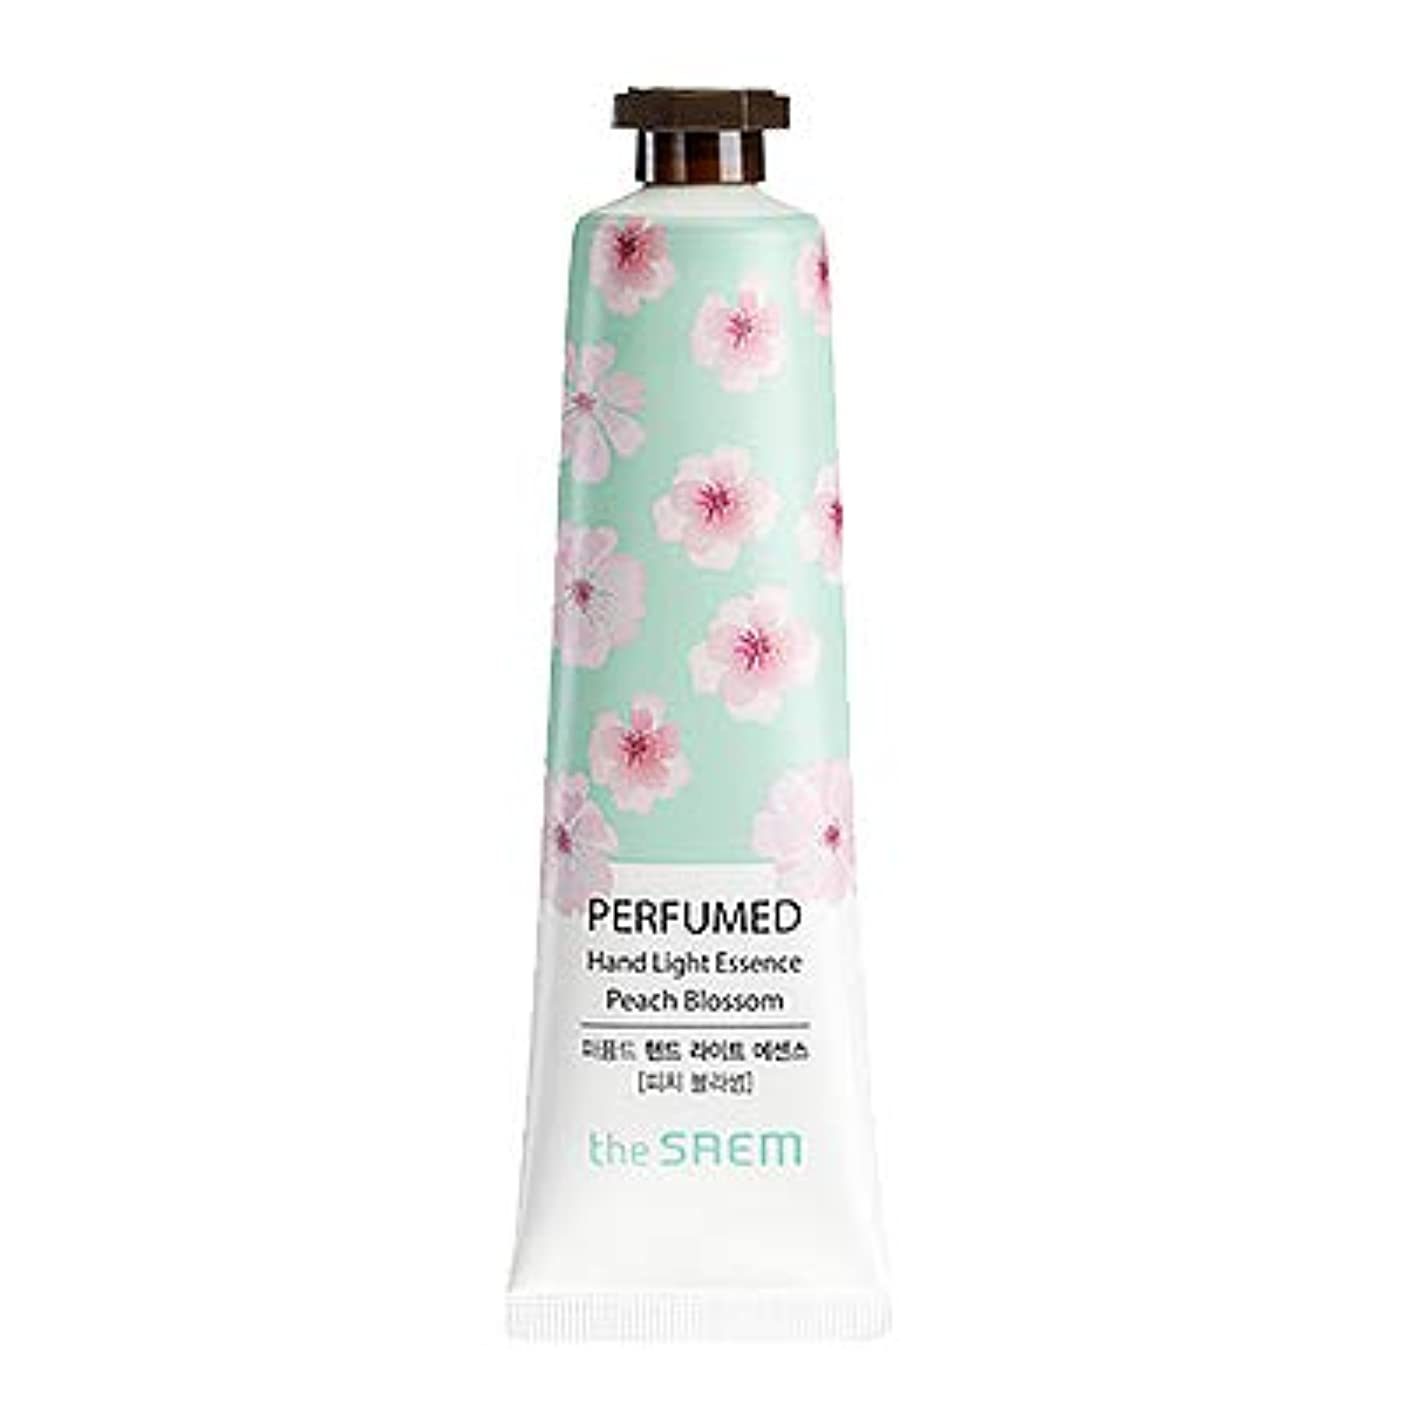 美人キャンドル合理的theSAEM ザセム パヒューム ハンド ライト エッセンス ハンドクリーム PERFUMED HAND LIGHT ESSENCE 韓国コスメ (E-Peach Blossom(ピーチブロッサム))